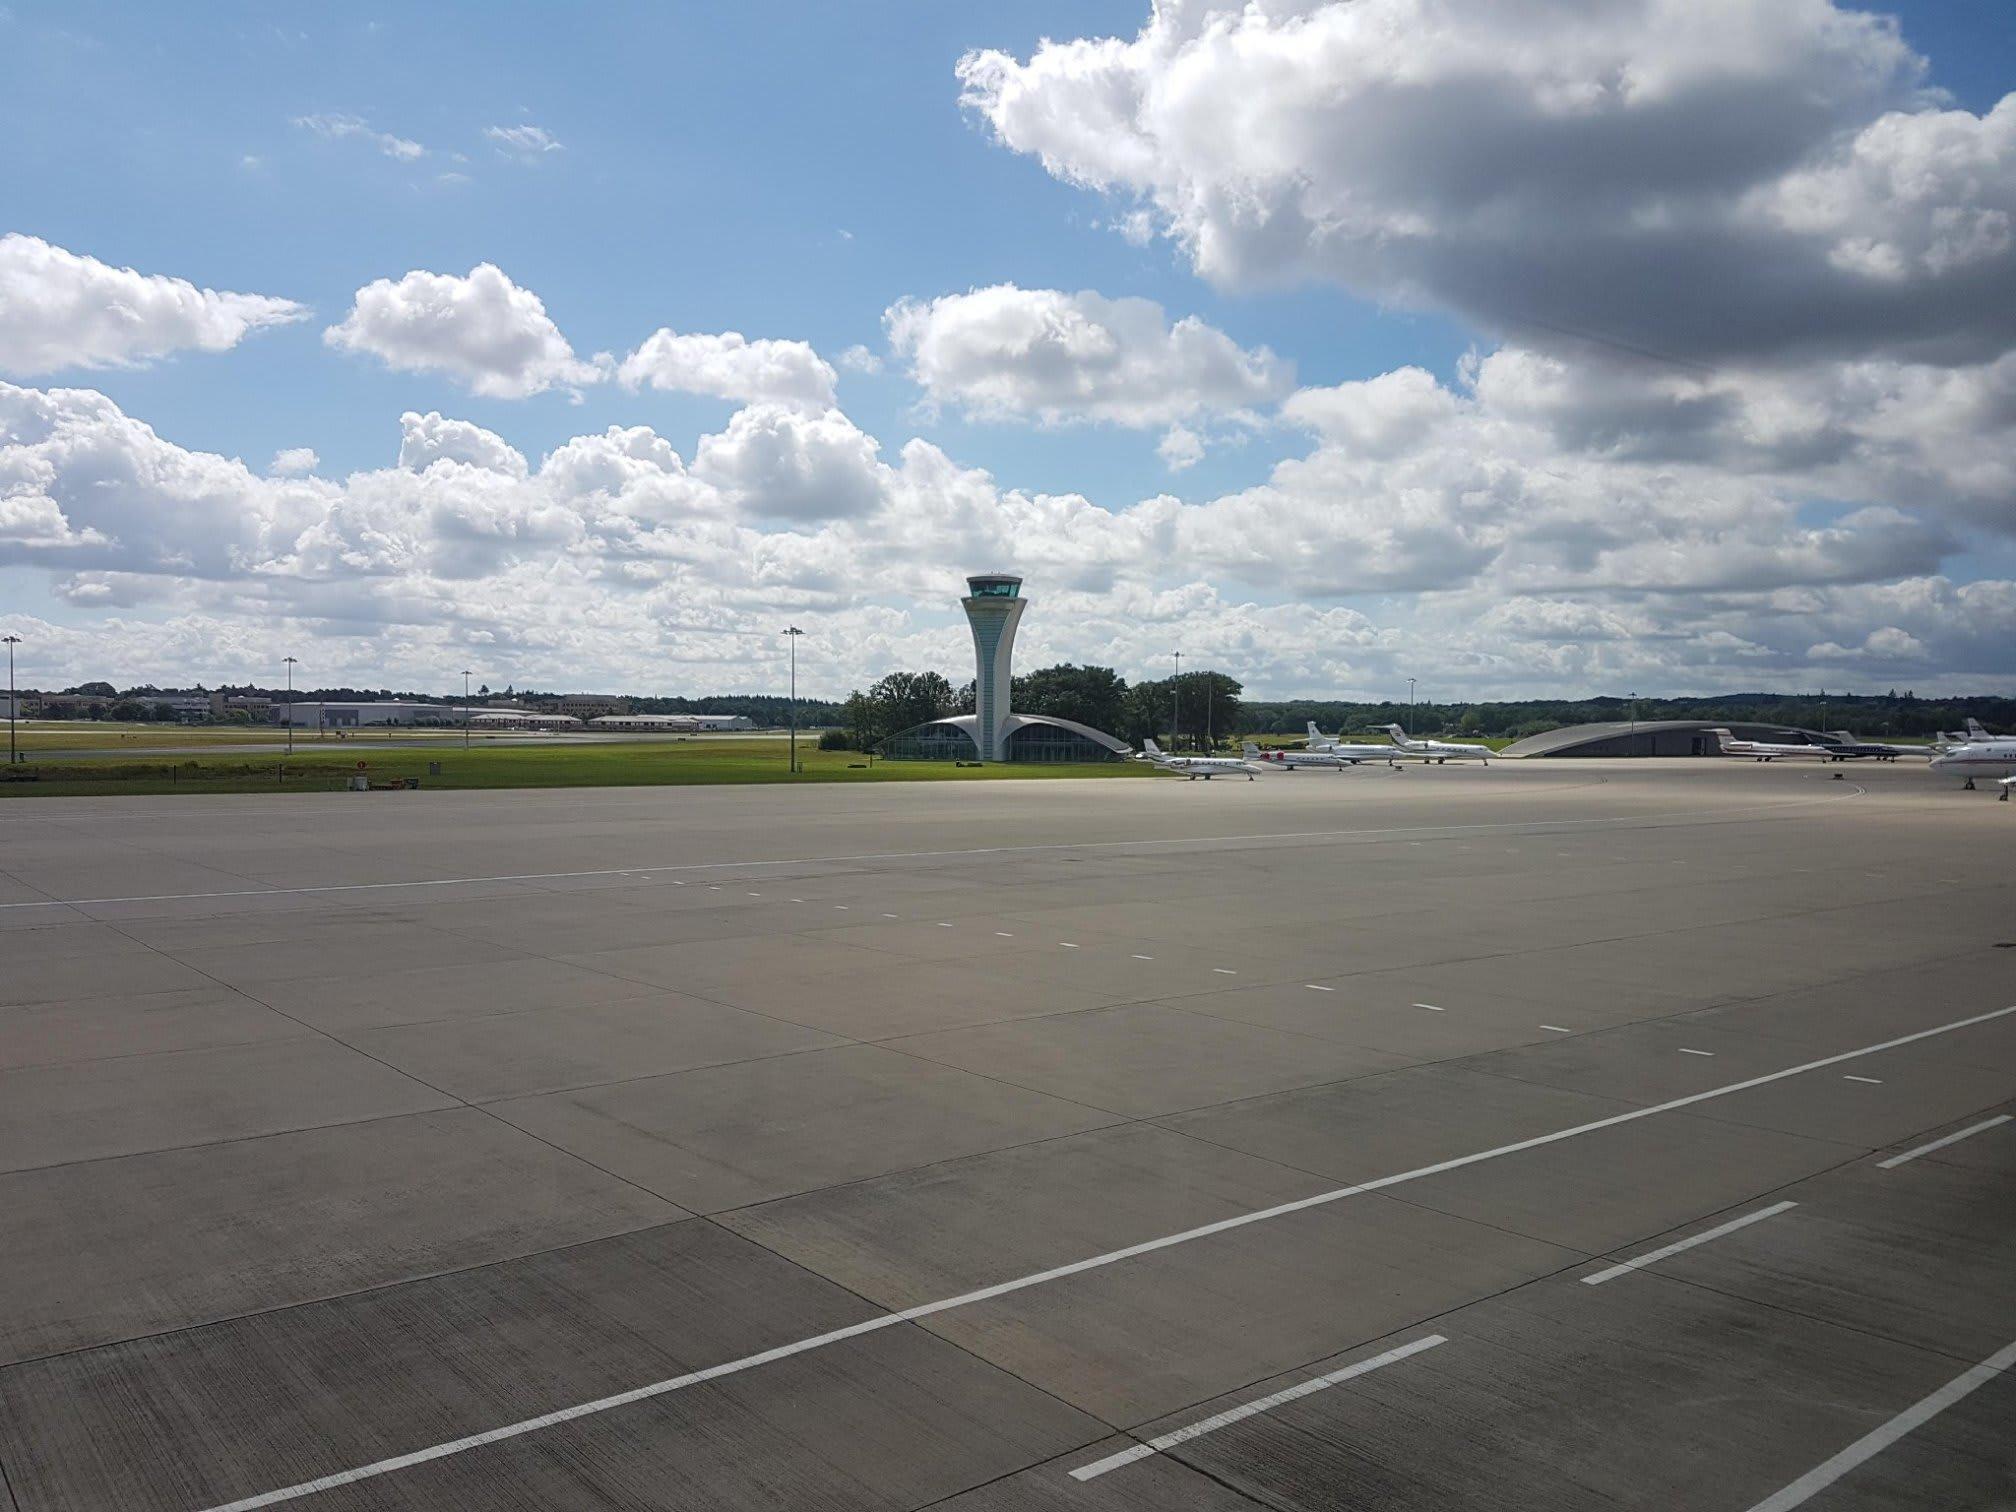 Jetdeck-Aviation